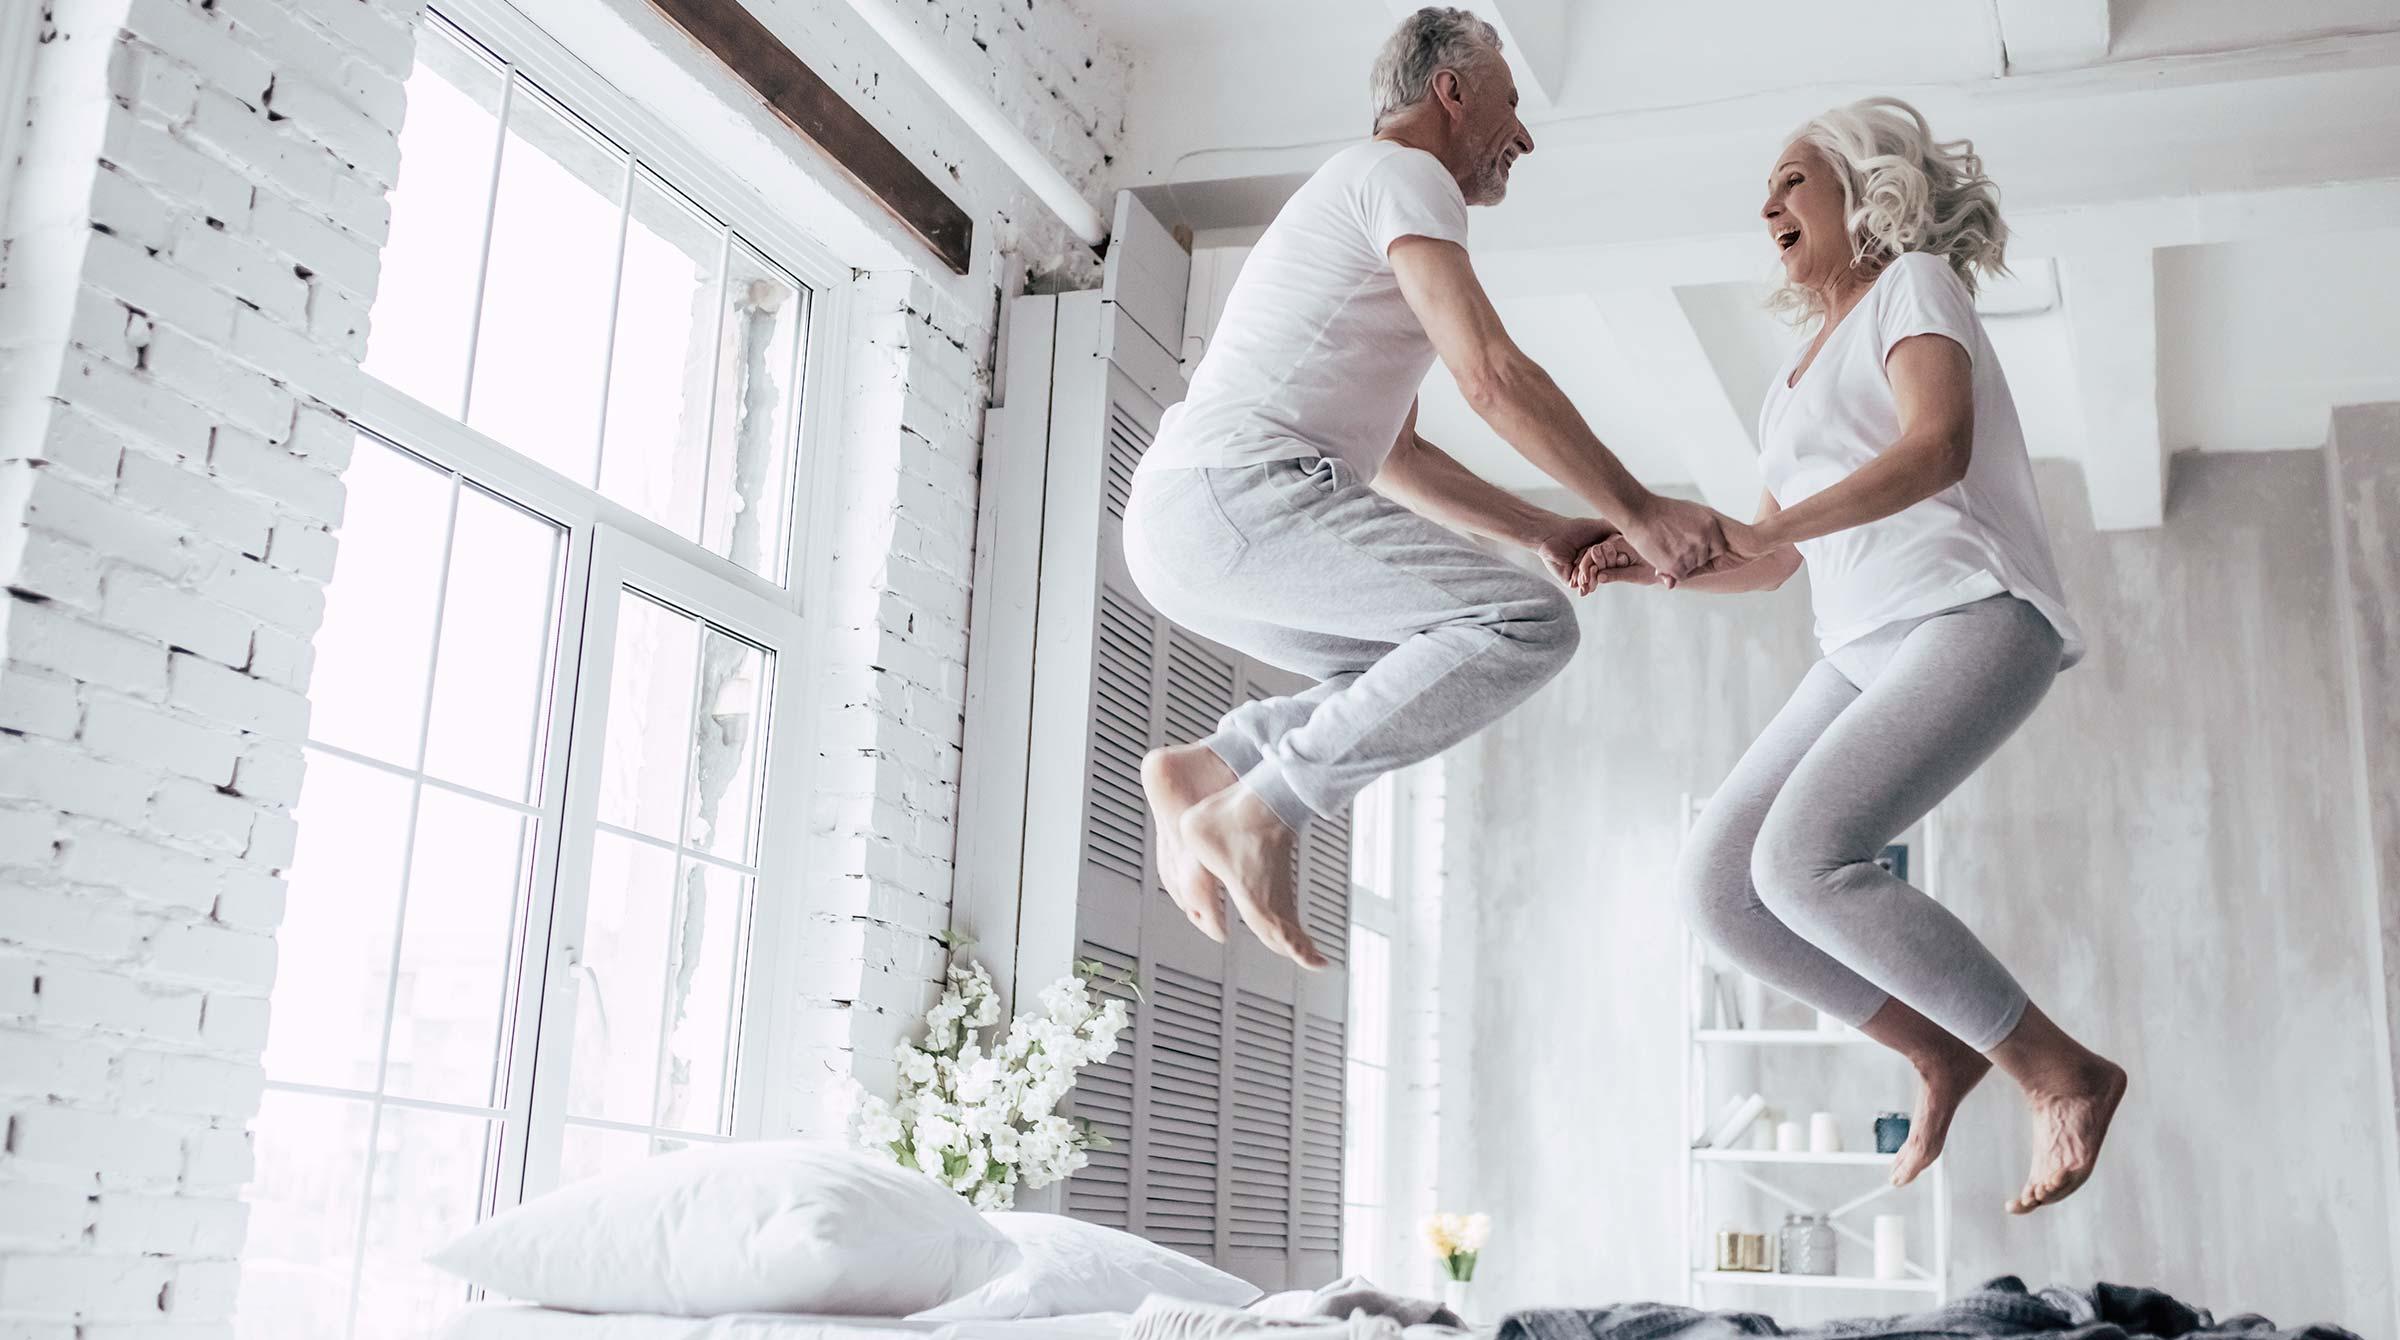 Kredite für Rentner: Es geht auch einfach & unkompliziert!